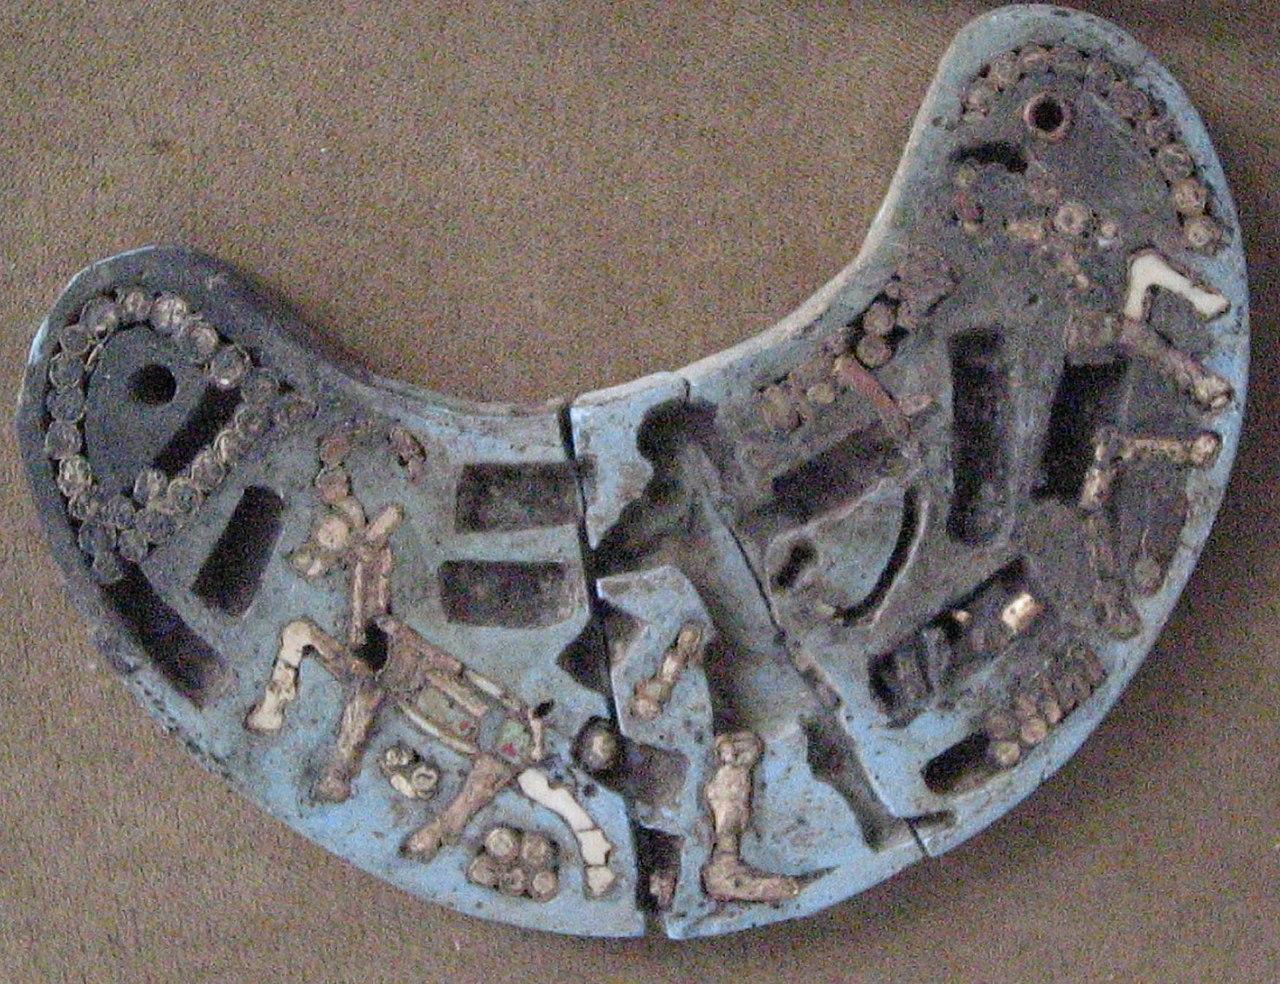 نشان هلالیشکل، آغاز هزاره یکم پیش از میلاد در حسنلو؛ موزه ملی ایرانتپه